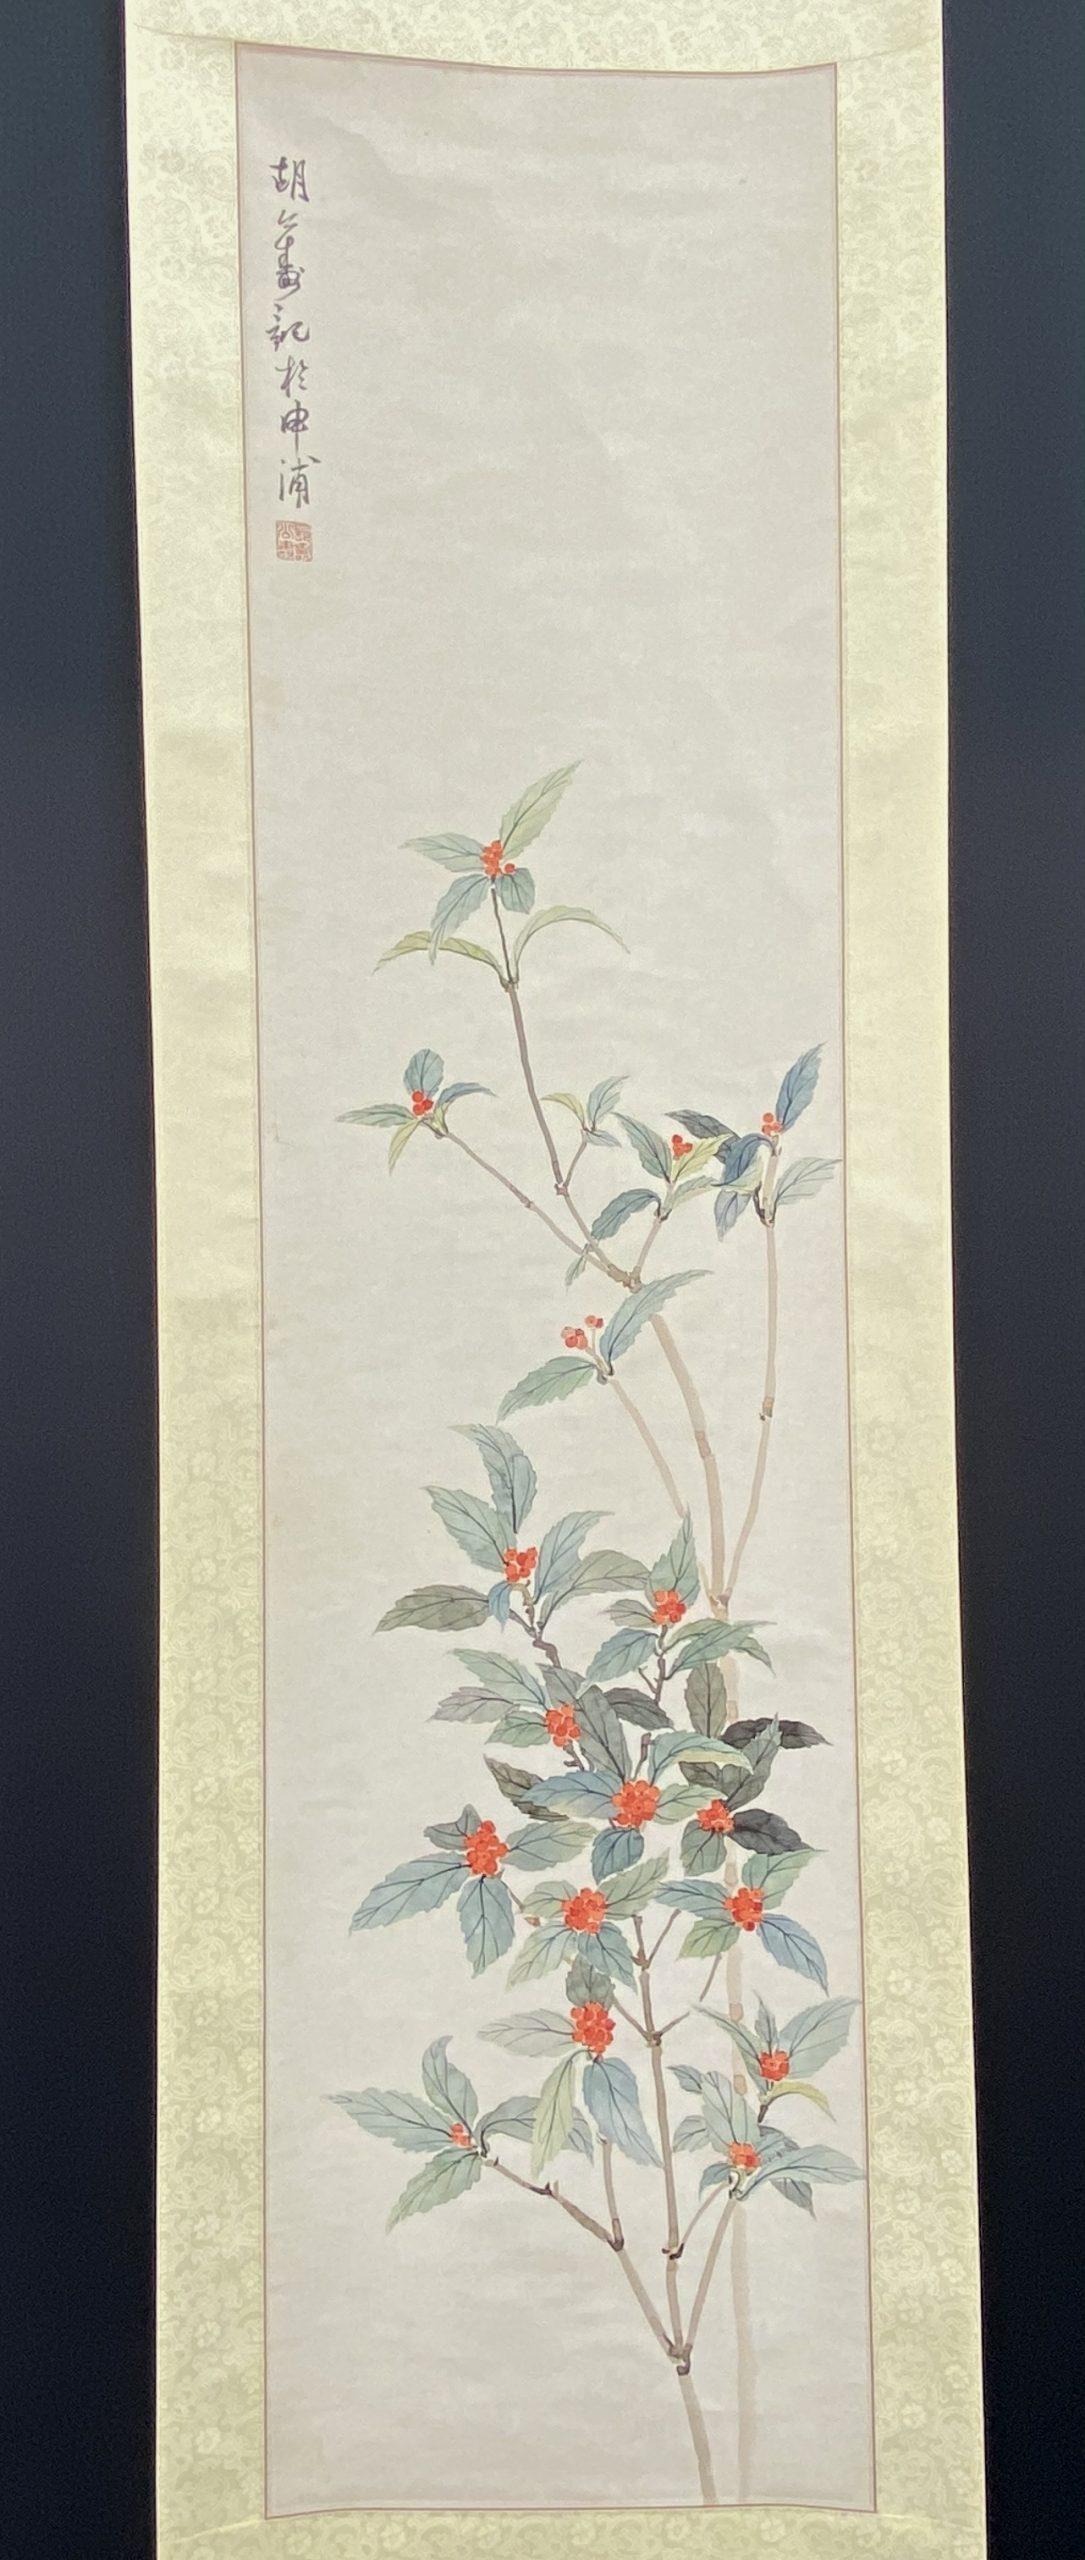 30638「胡公寿」画 花卉図 軸129×31.5cm